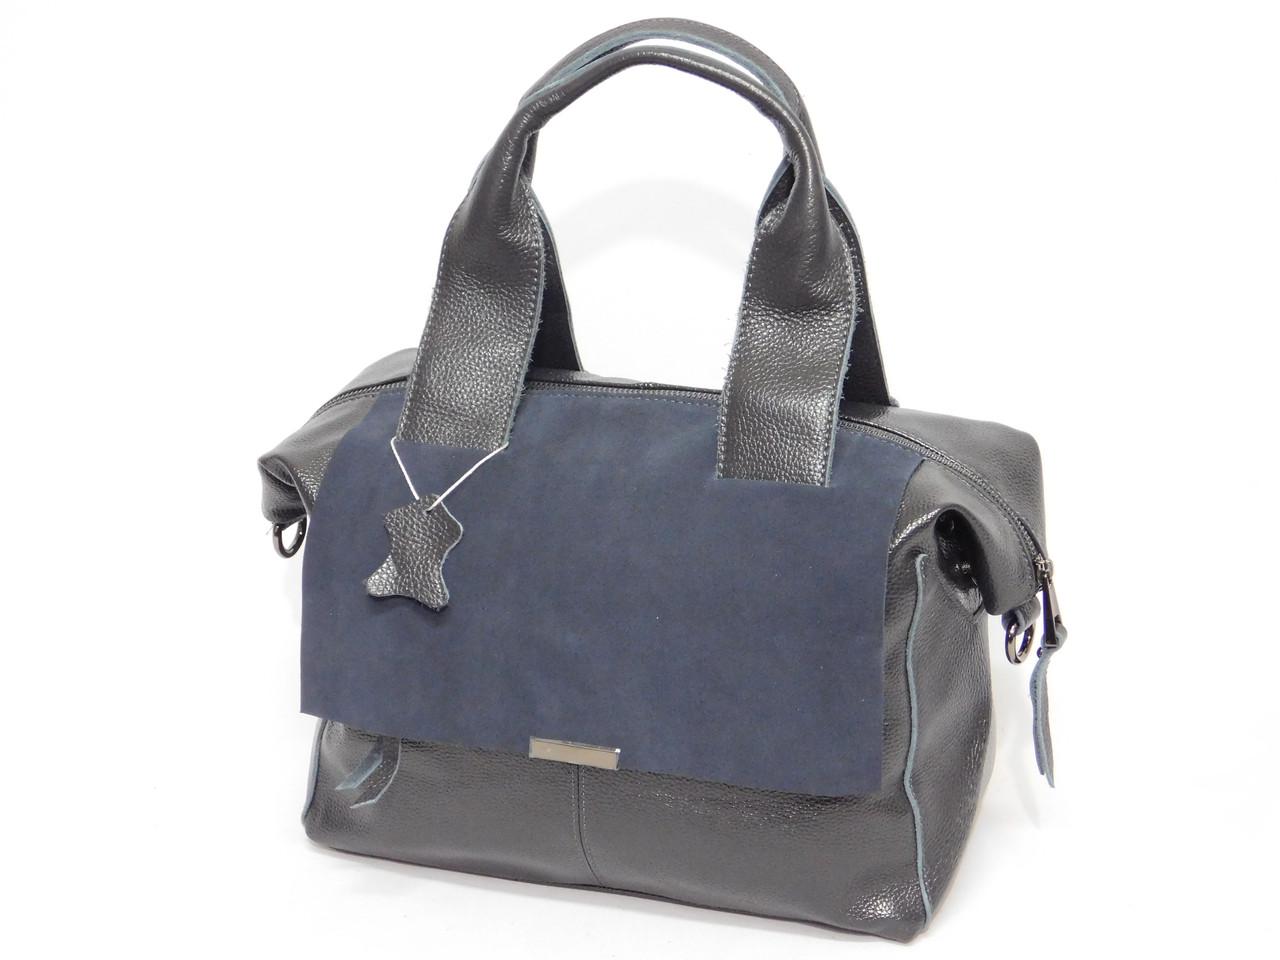 Серый цвет сумки из натуральной кожи